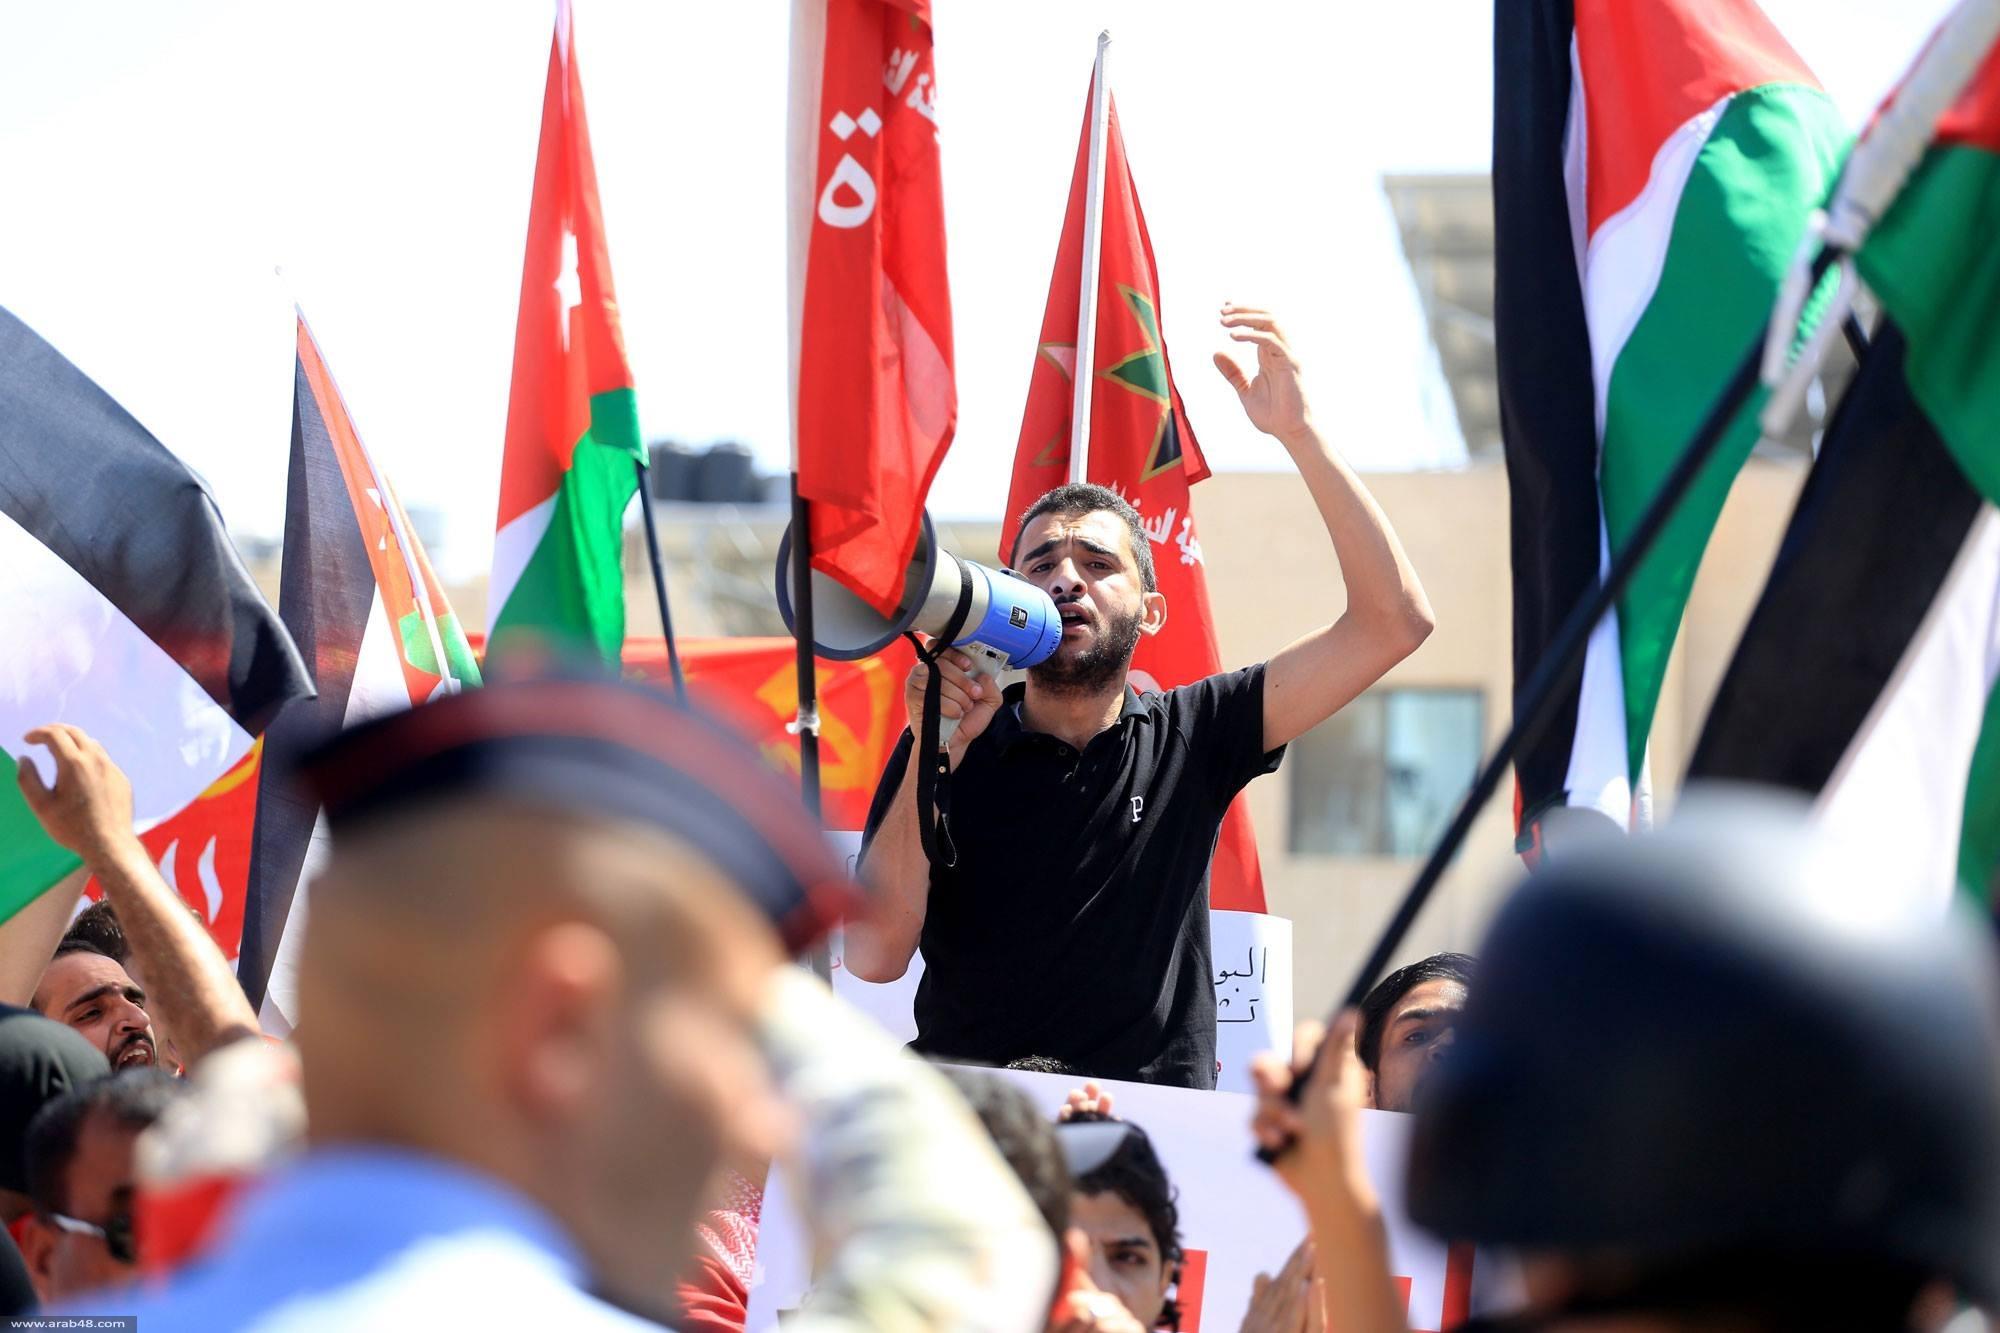 الأردن: مسيرات نصرة للأقصى ودعوات لطرد السفير الإسرائيلي